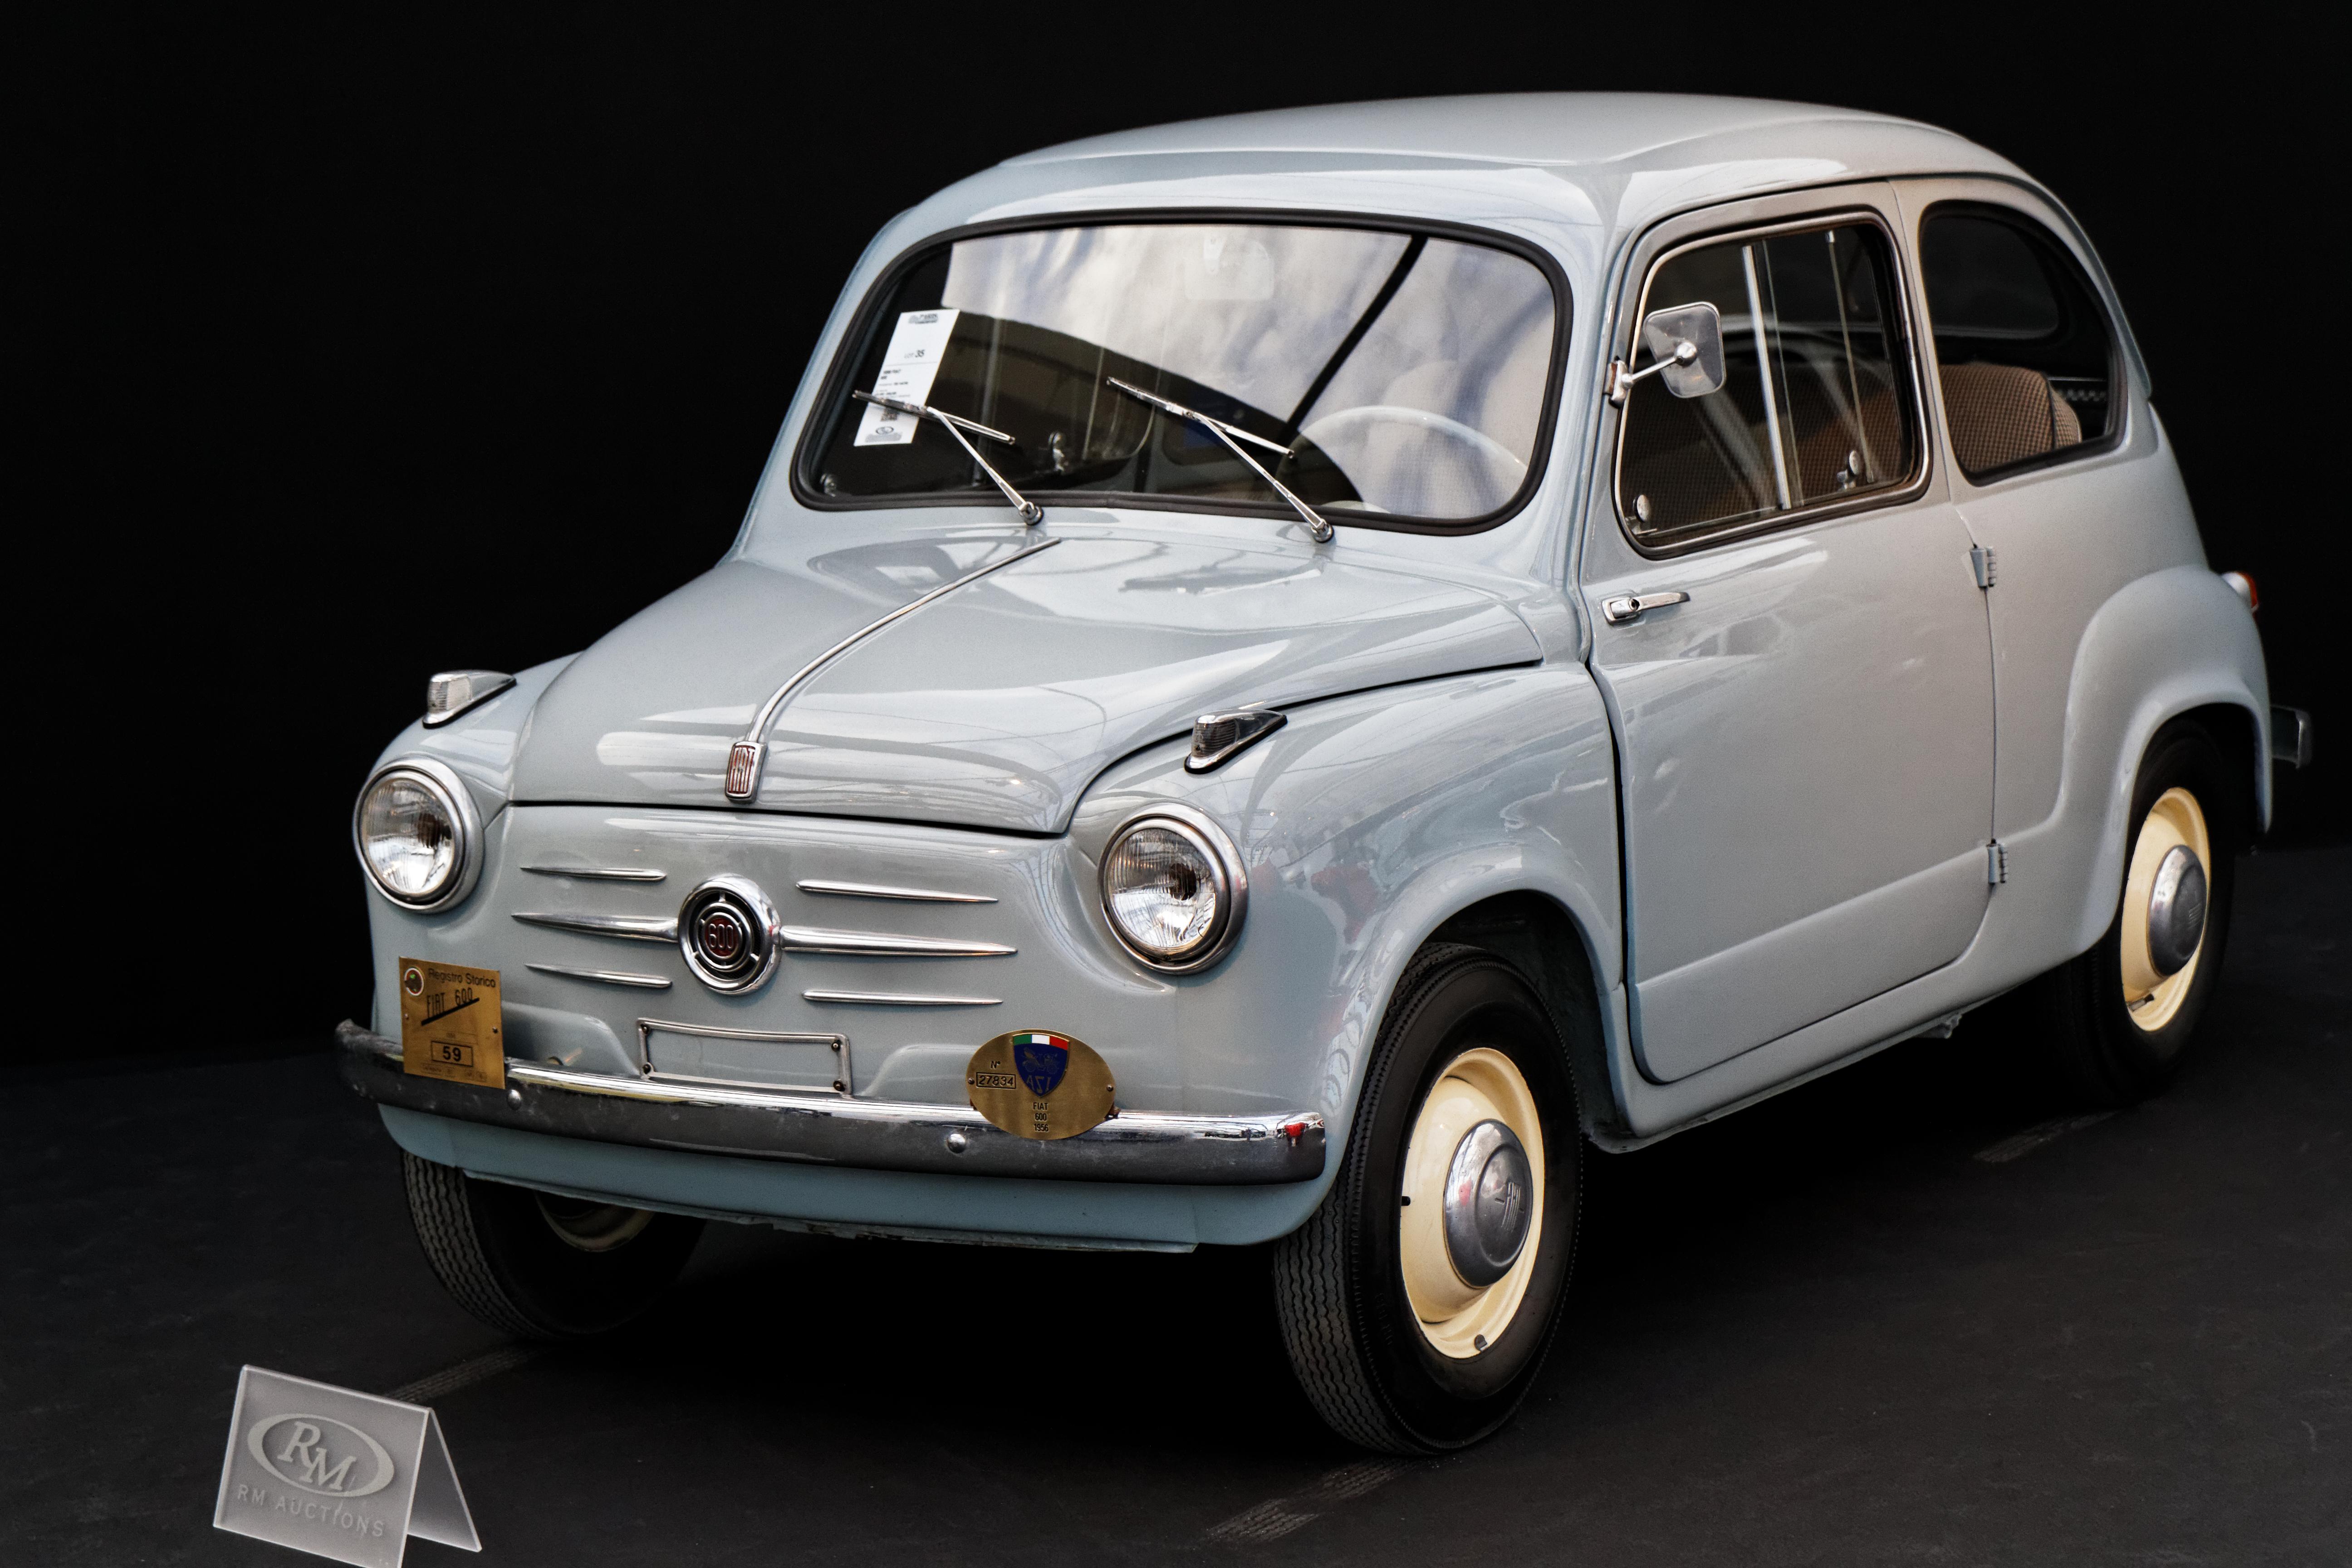 Schema Elettrico Fiat Seicento : Fiat 600 wikipedia